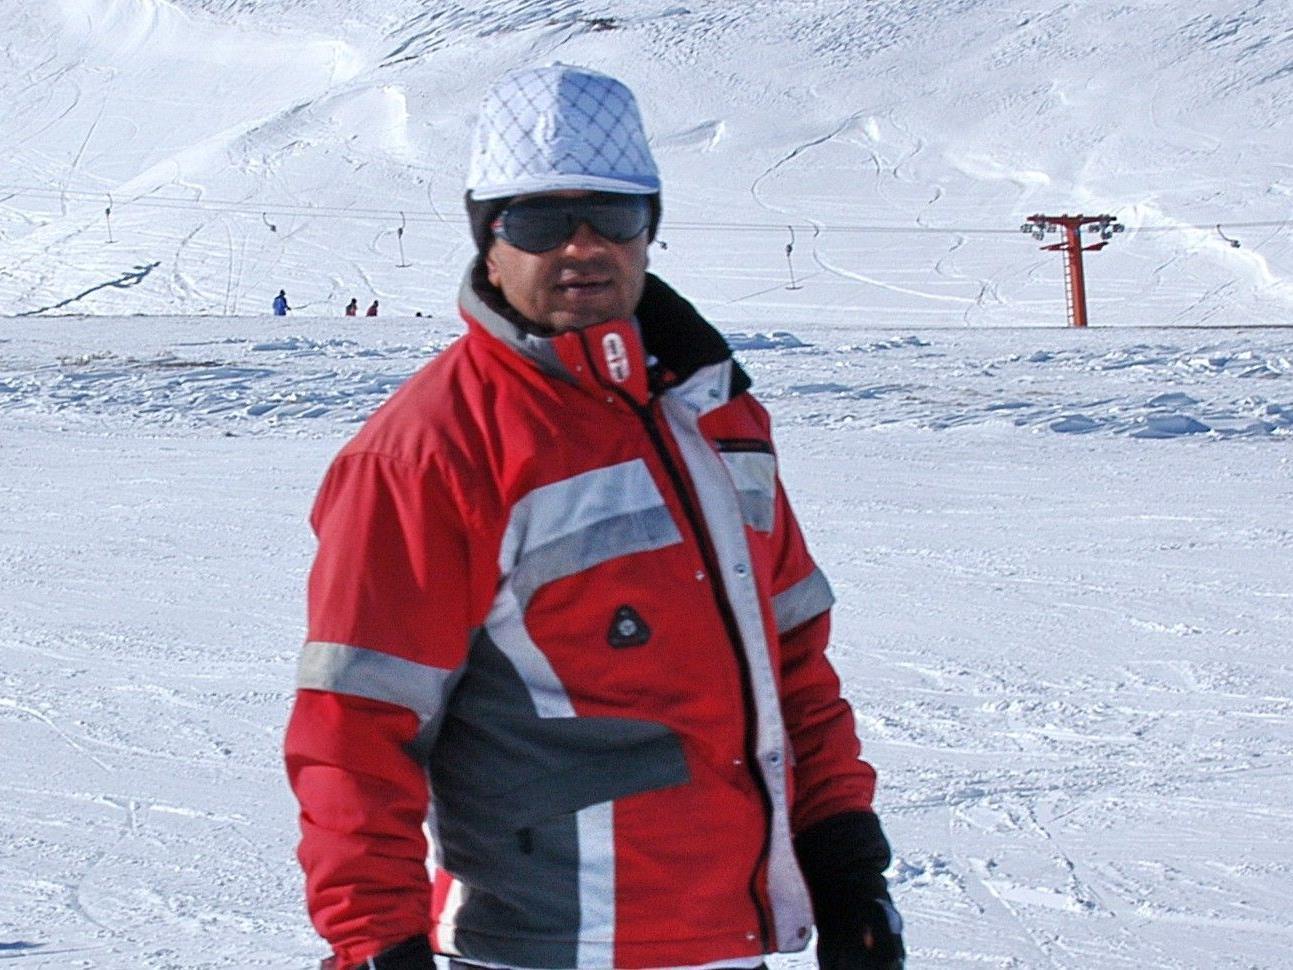 Mehmet Eglenceoglu hat das Skifahren in Anatolien populär gemacht. Am Wochenende wurden 20.000 Besucher im Skigebiet gezählt.